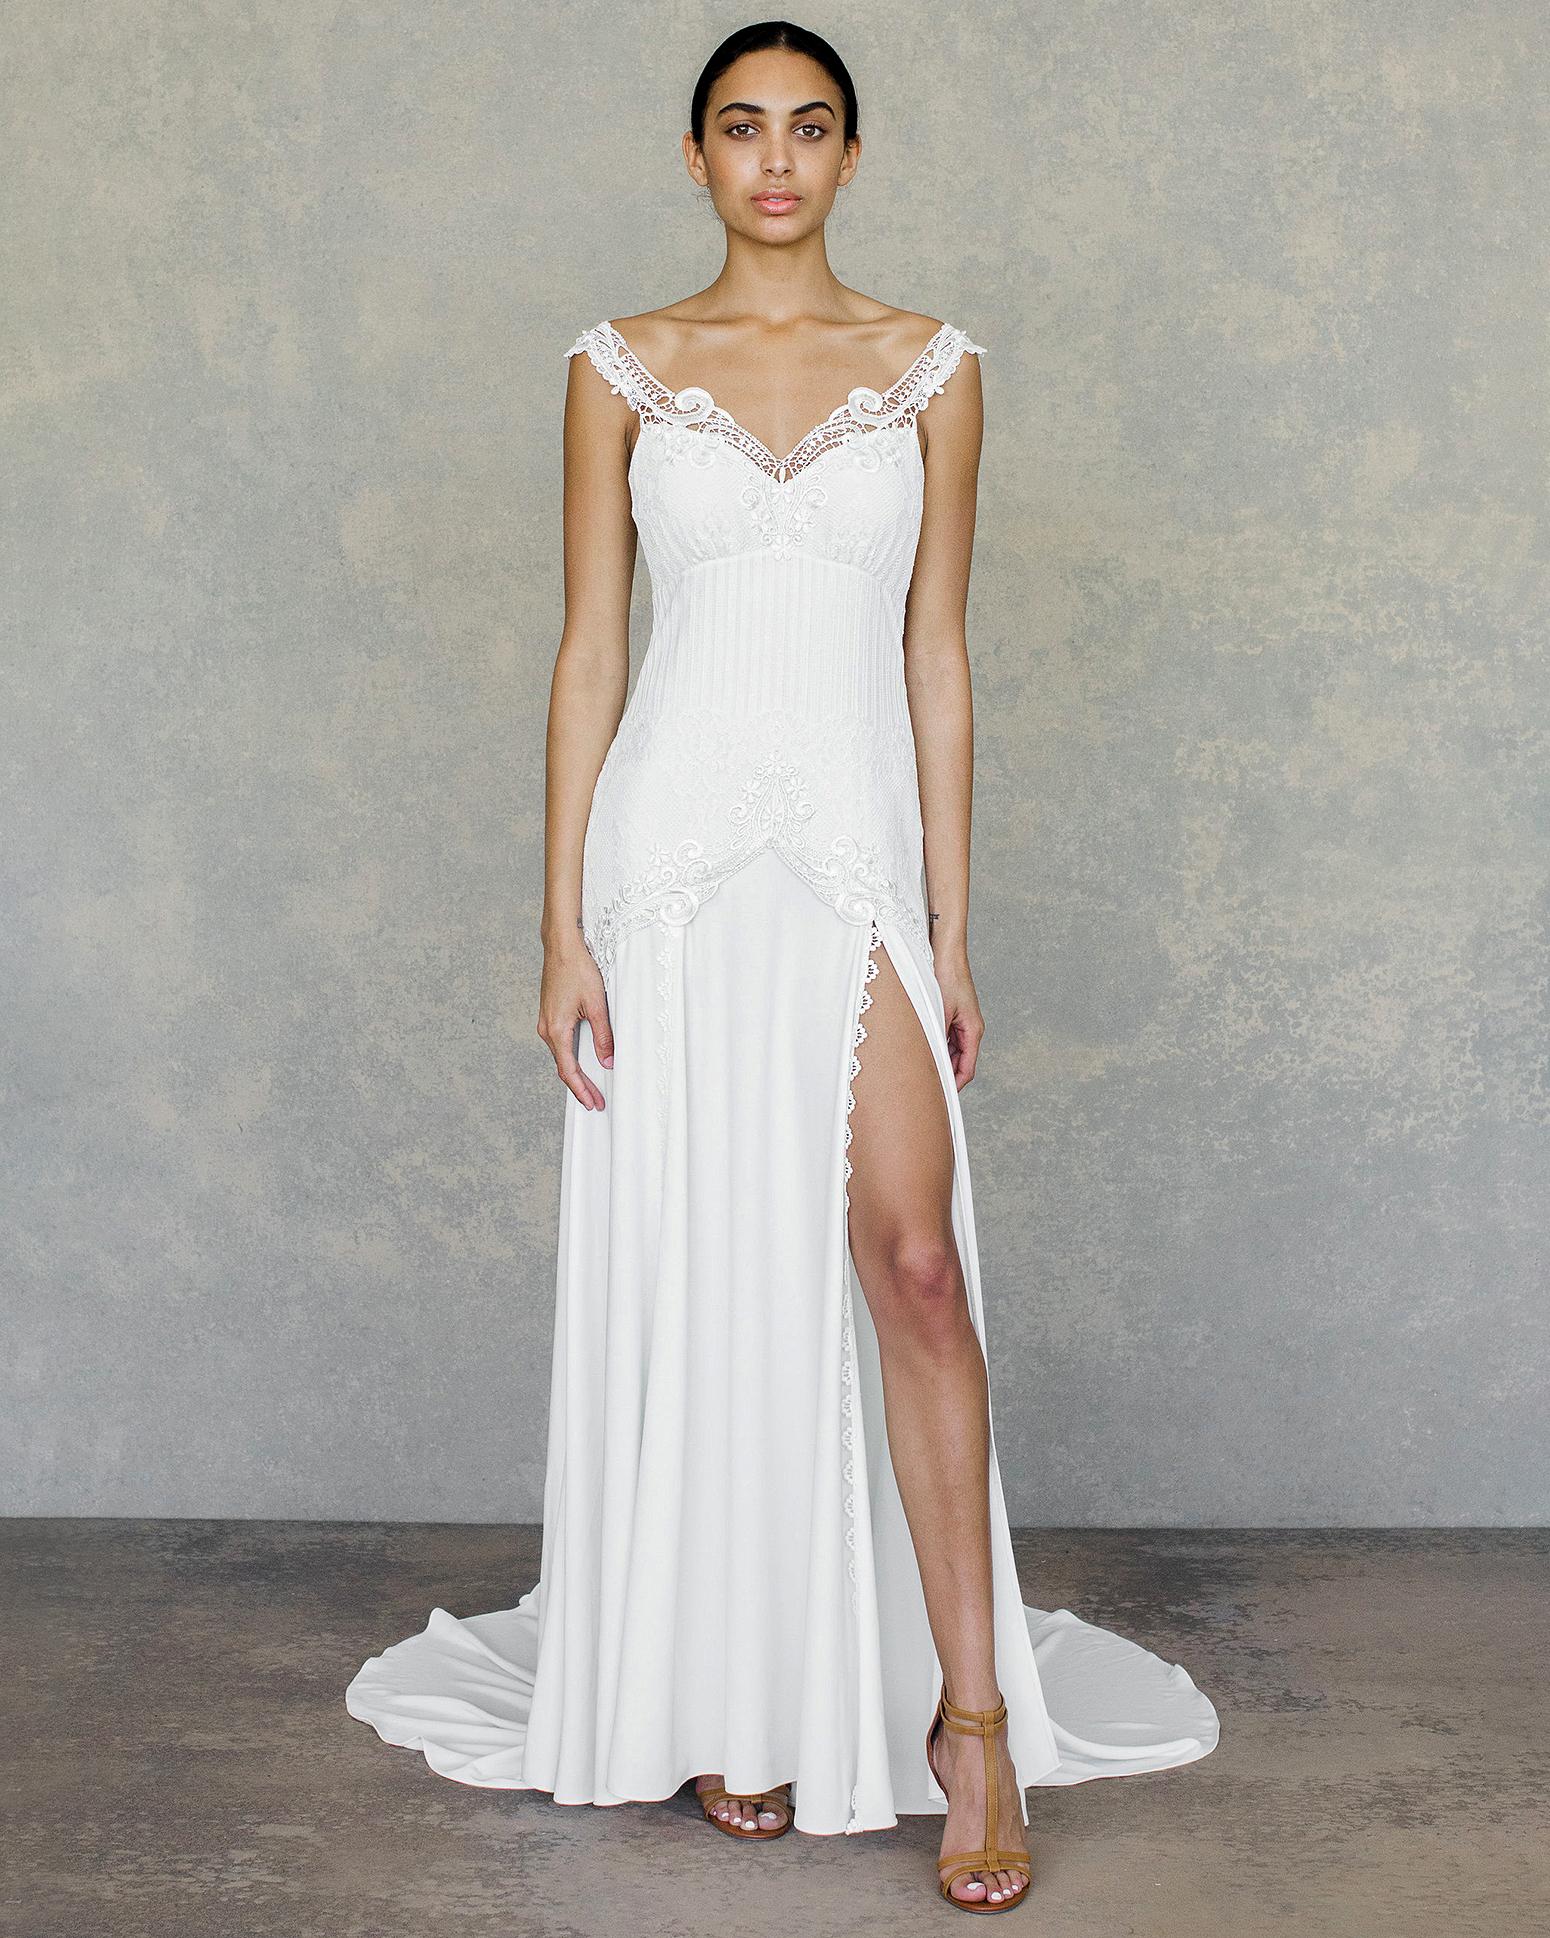 claire pettibone wedding dress spring 2019 off-the-shoulder v-neck slit